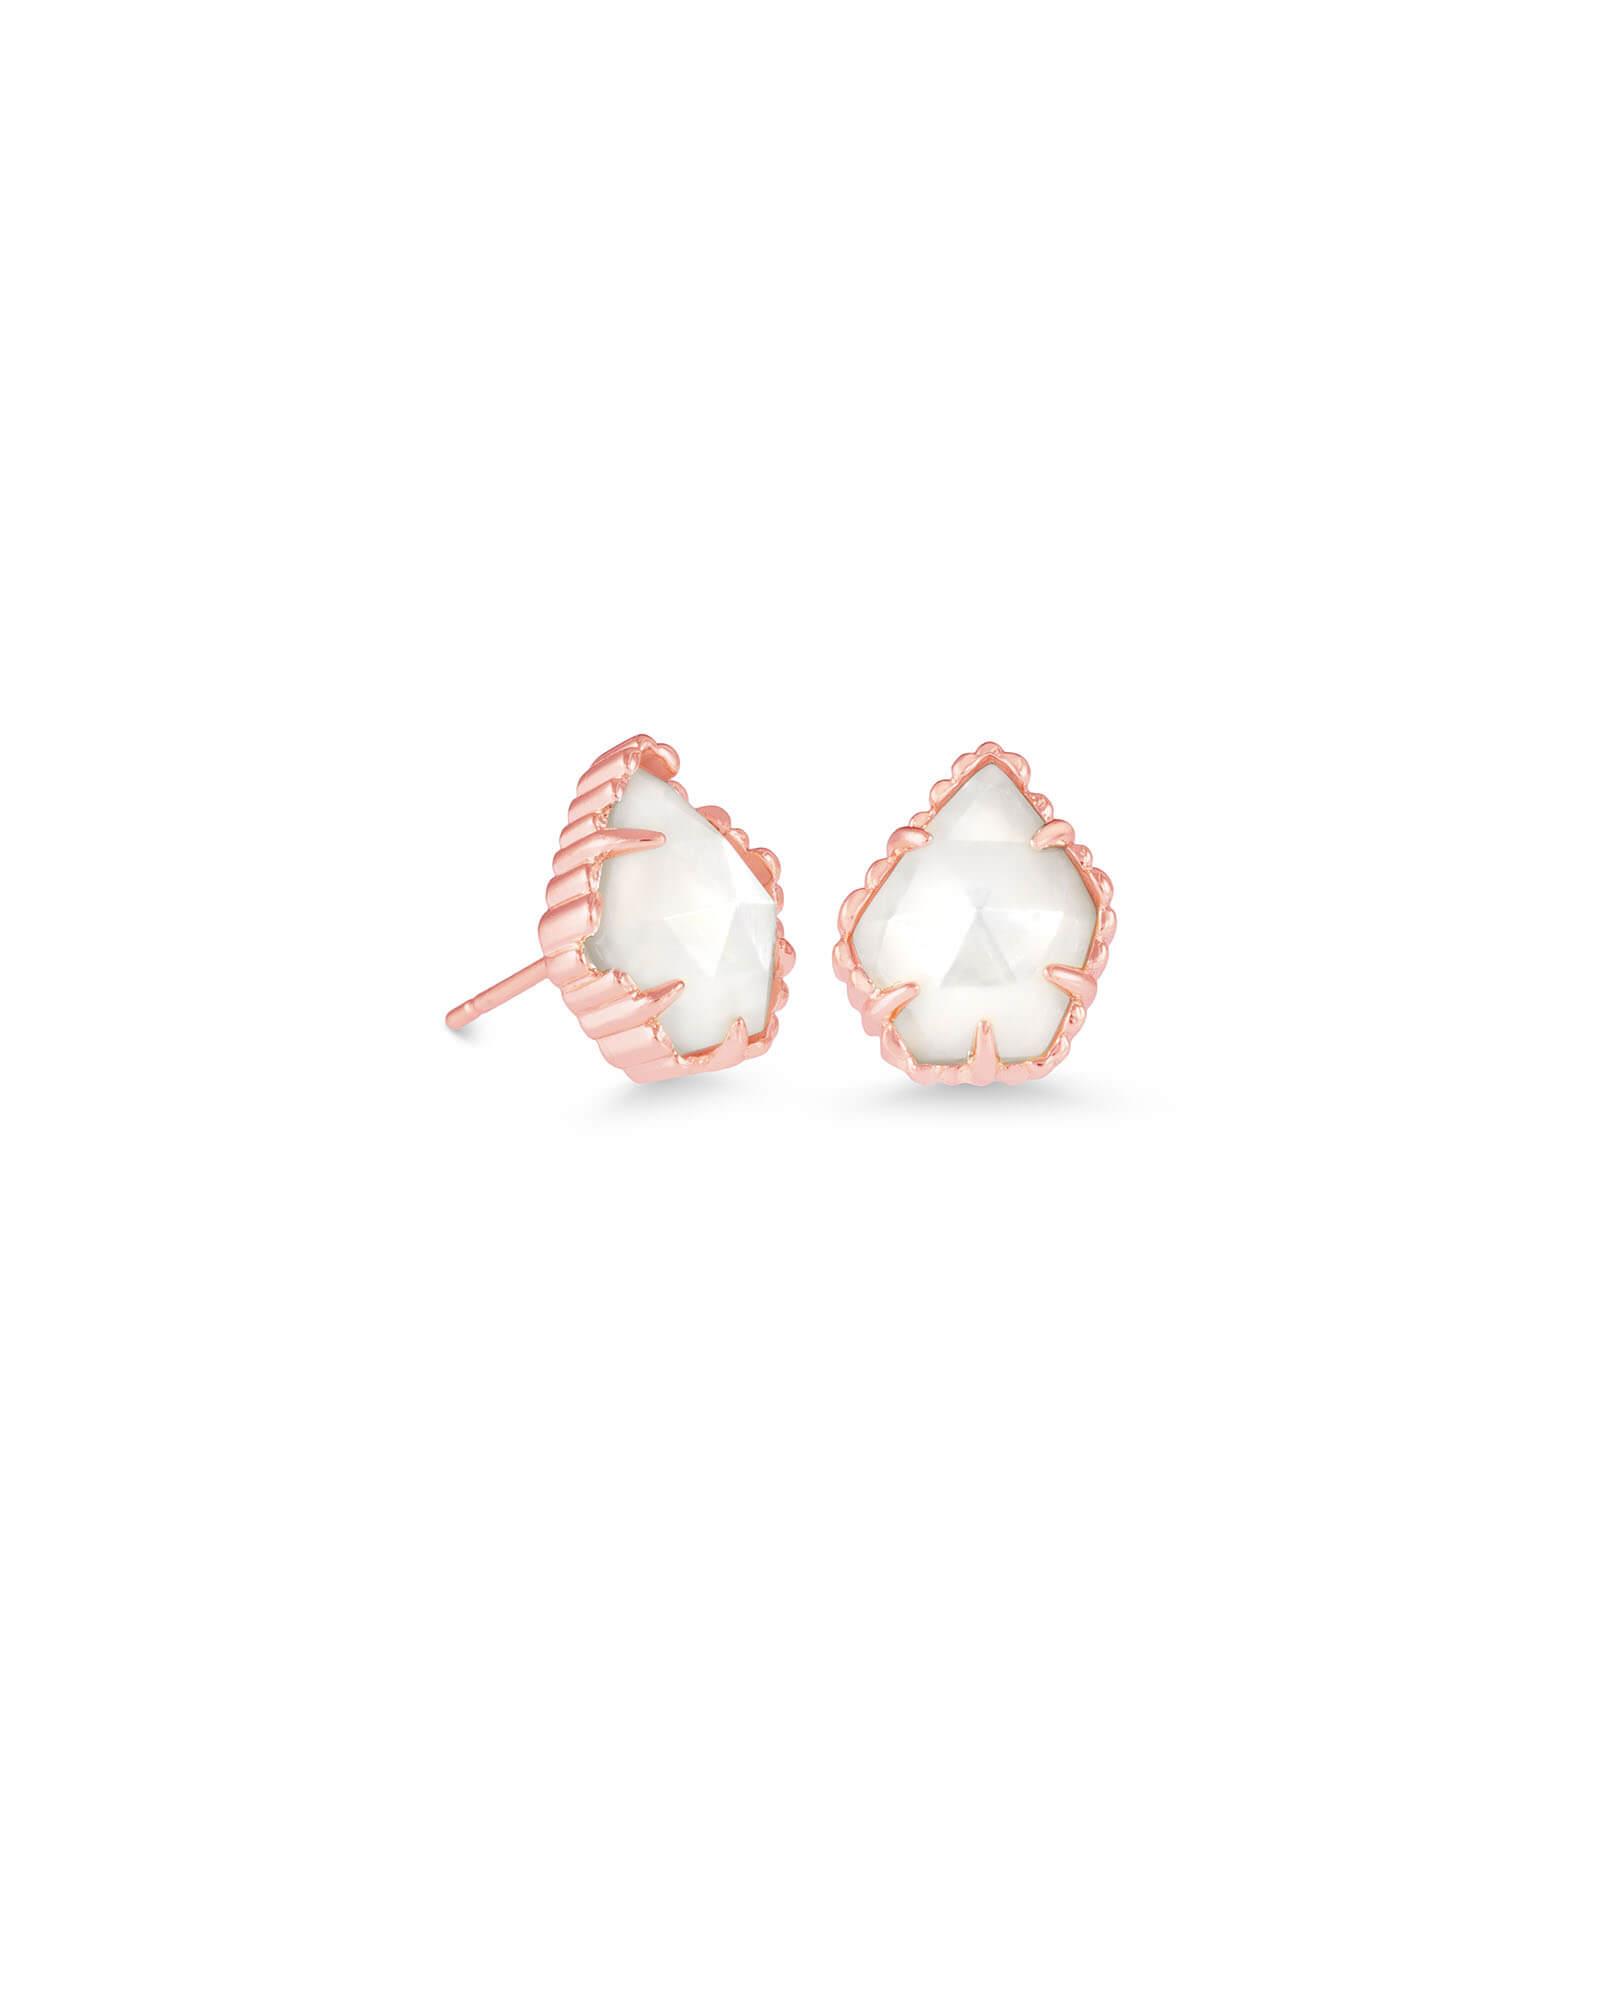 5992a180b Tessa Rose Gold Stud Earrings in Ivory Pearl   Kendra Scott